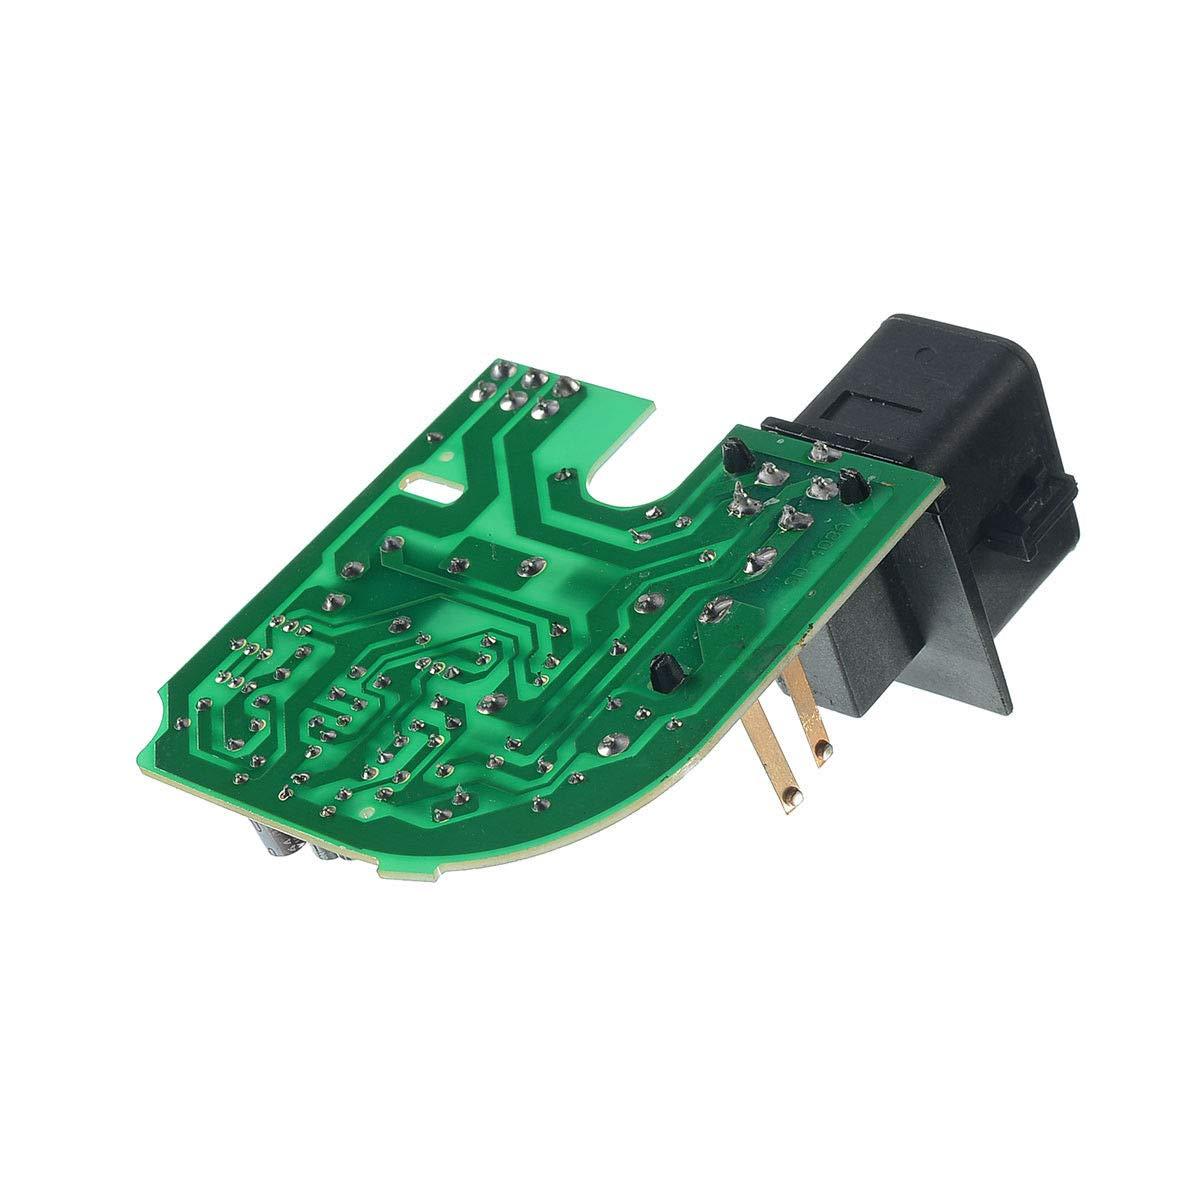 Wiper Pulse Board Module for Chevrolet S10 Tahoe Astro Blazer C//K 1500 2500 3500 GMC Oldsmobile Pontiac